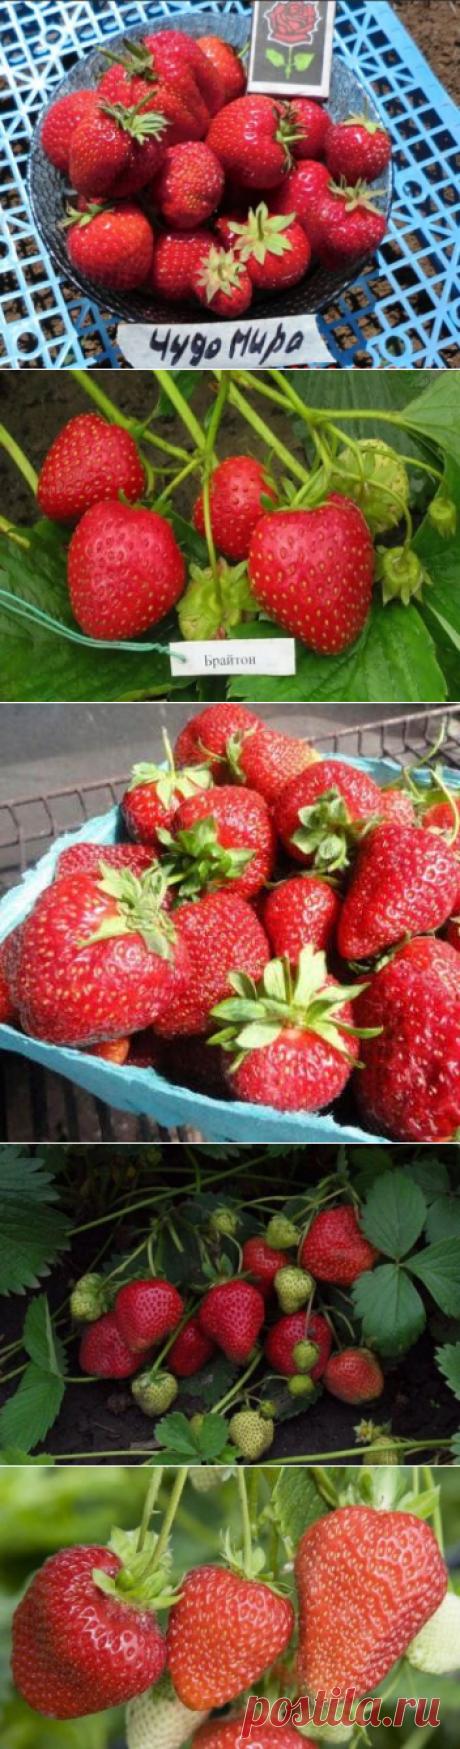 Клубника на всё лето: сорта, плодоносящие в течение лета и осени